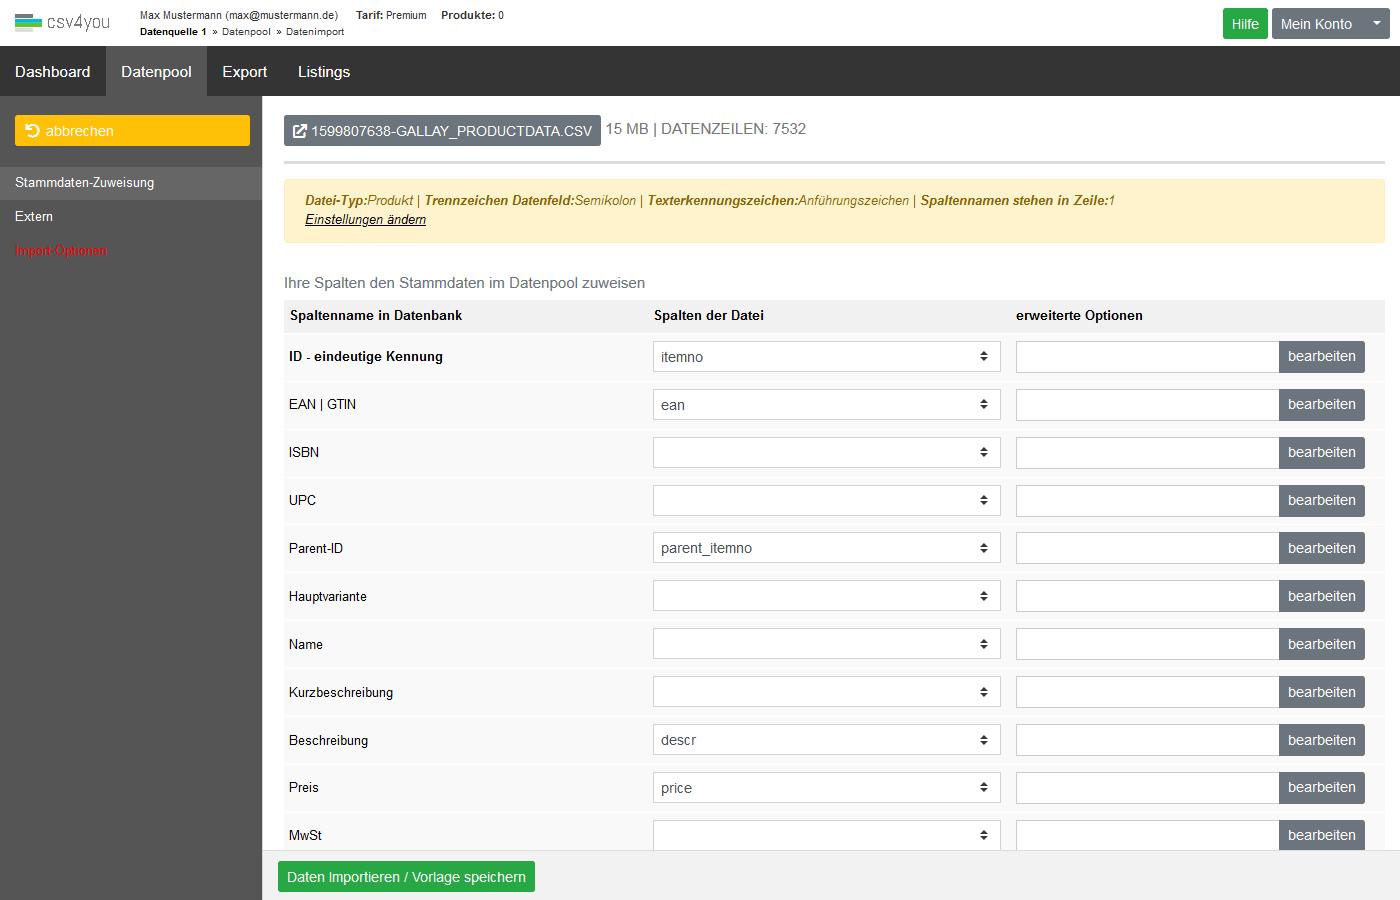 Datenpool - Datenimport Produkte - Spaltenzuweisungen und Importoptionen